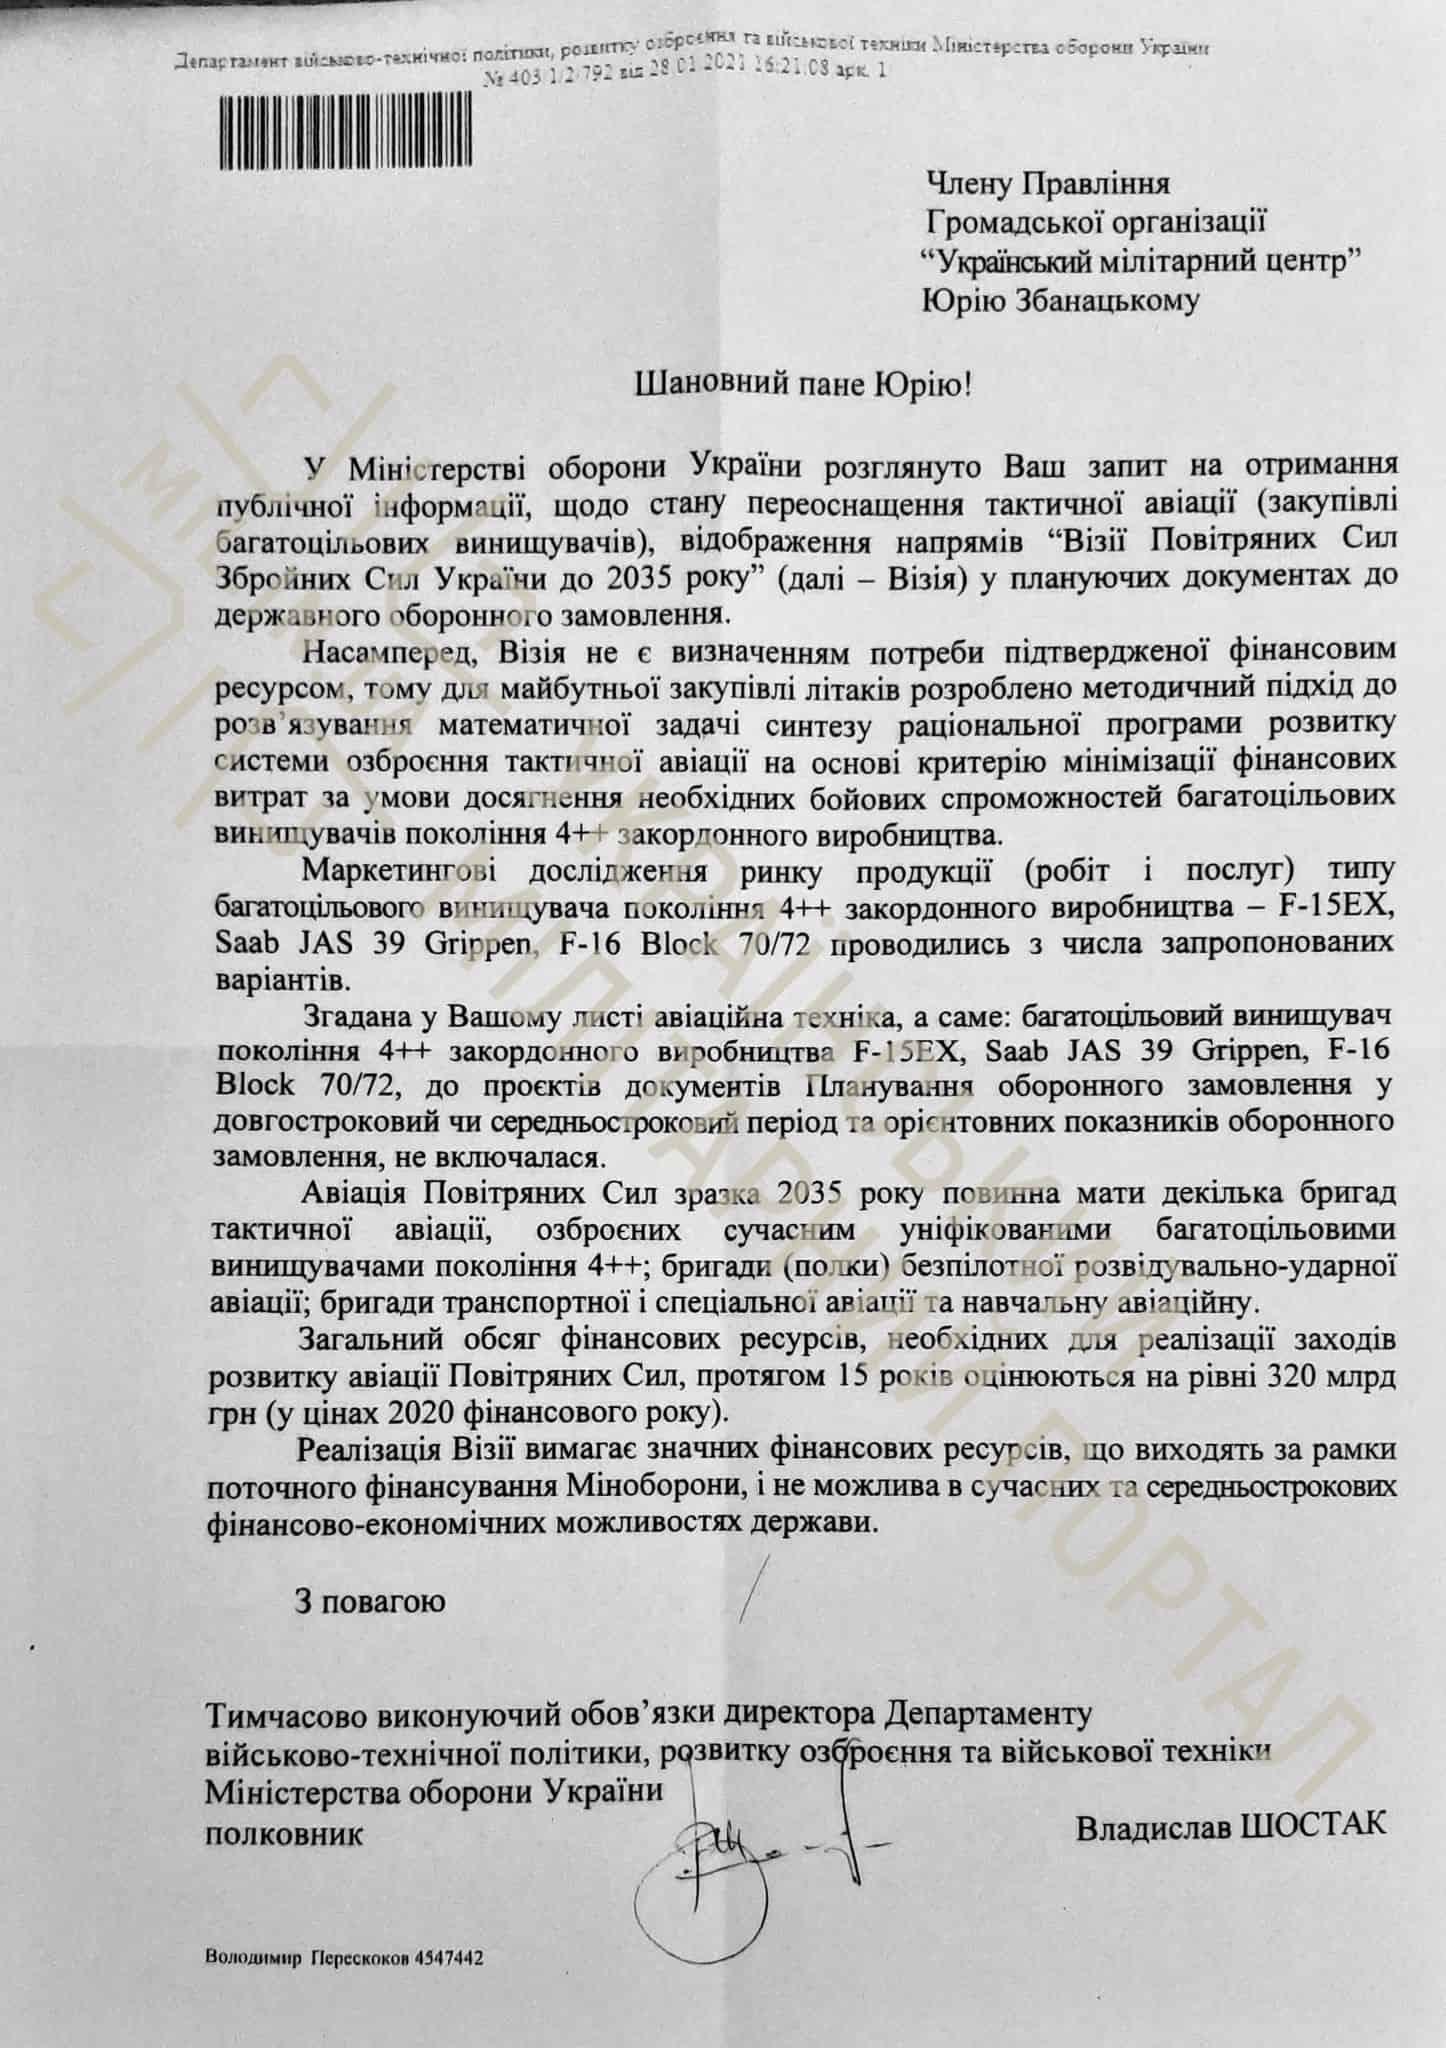 Лист від Міністерства оборони України по закупівлі нових винищувачів